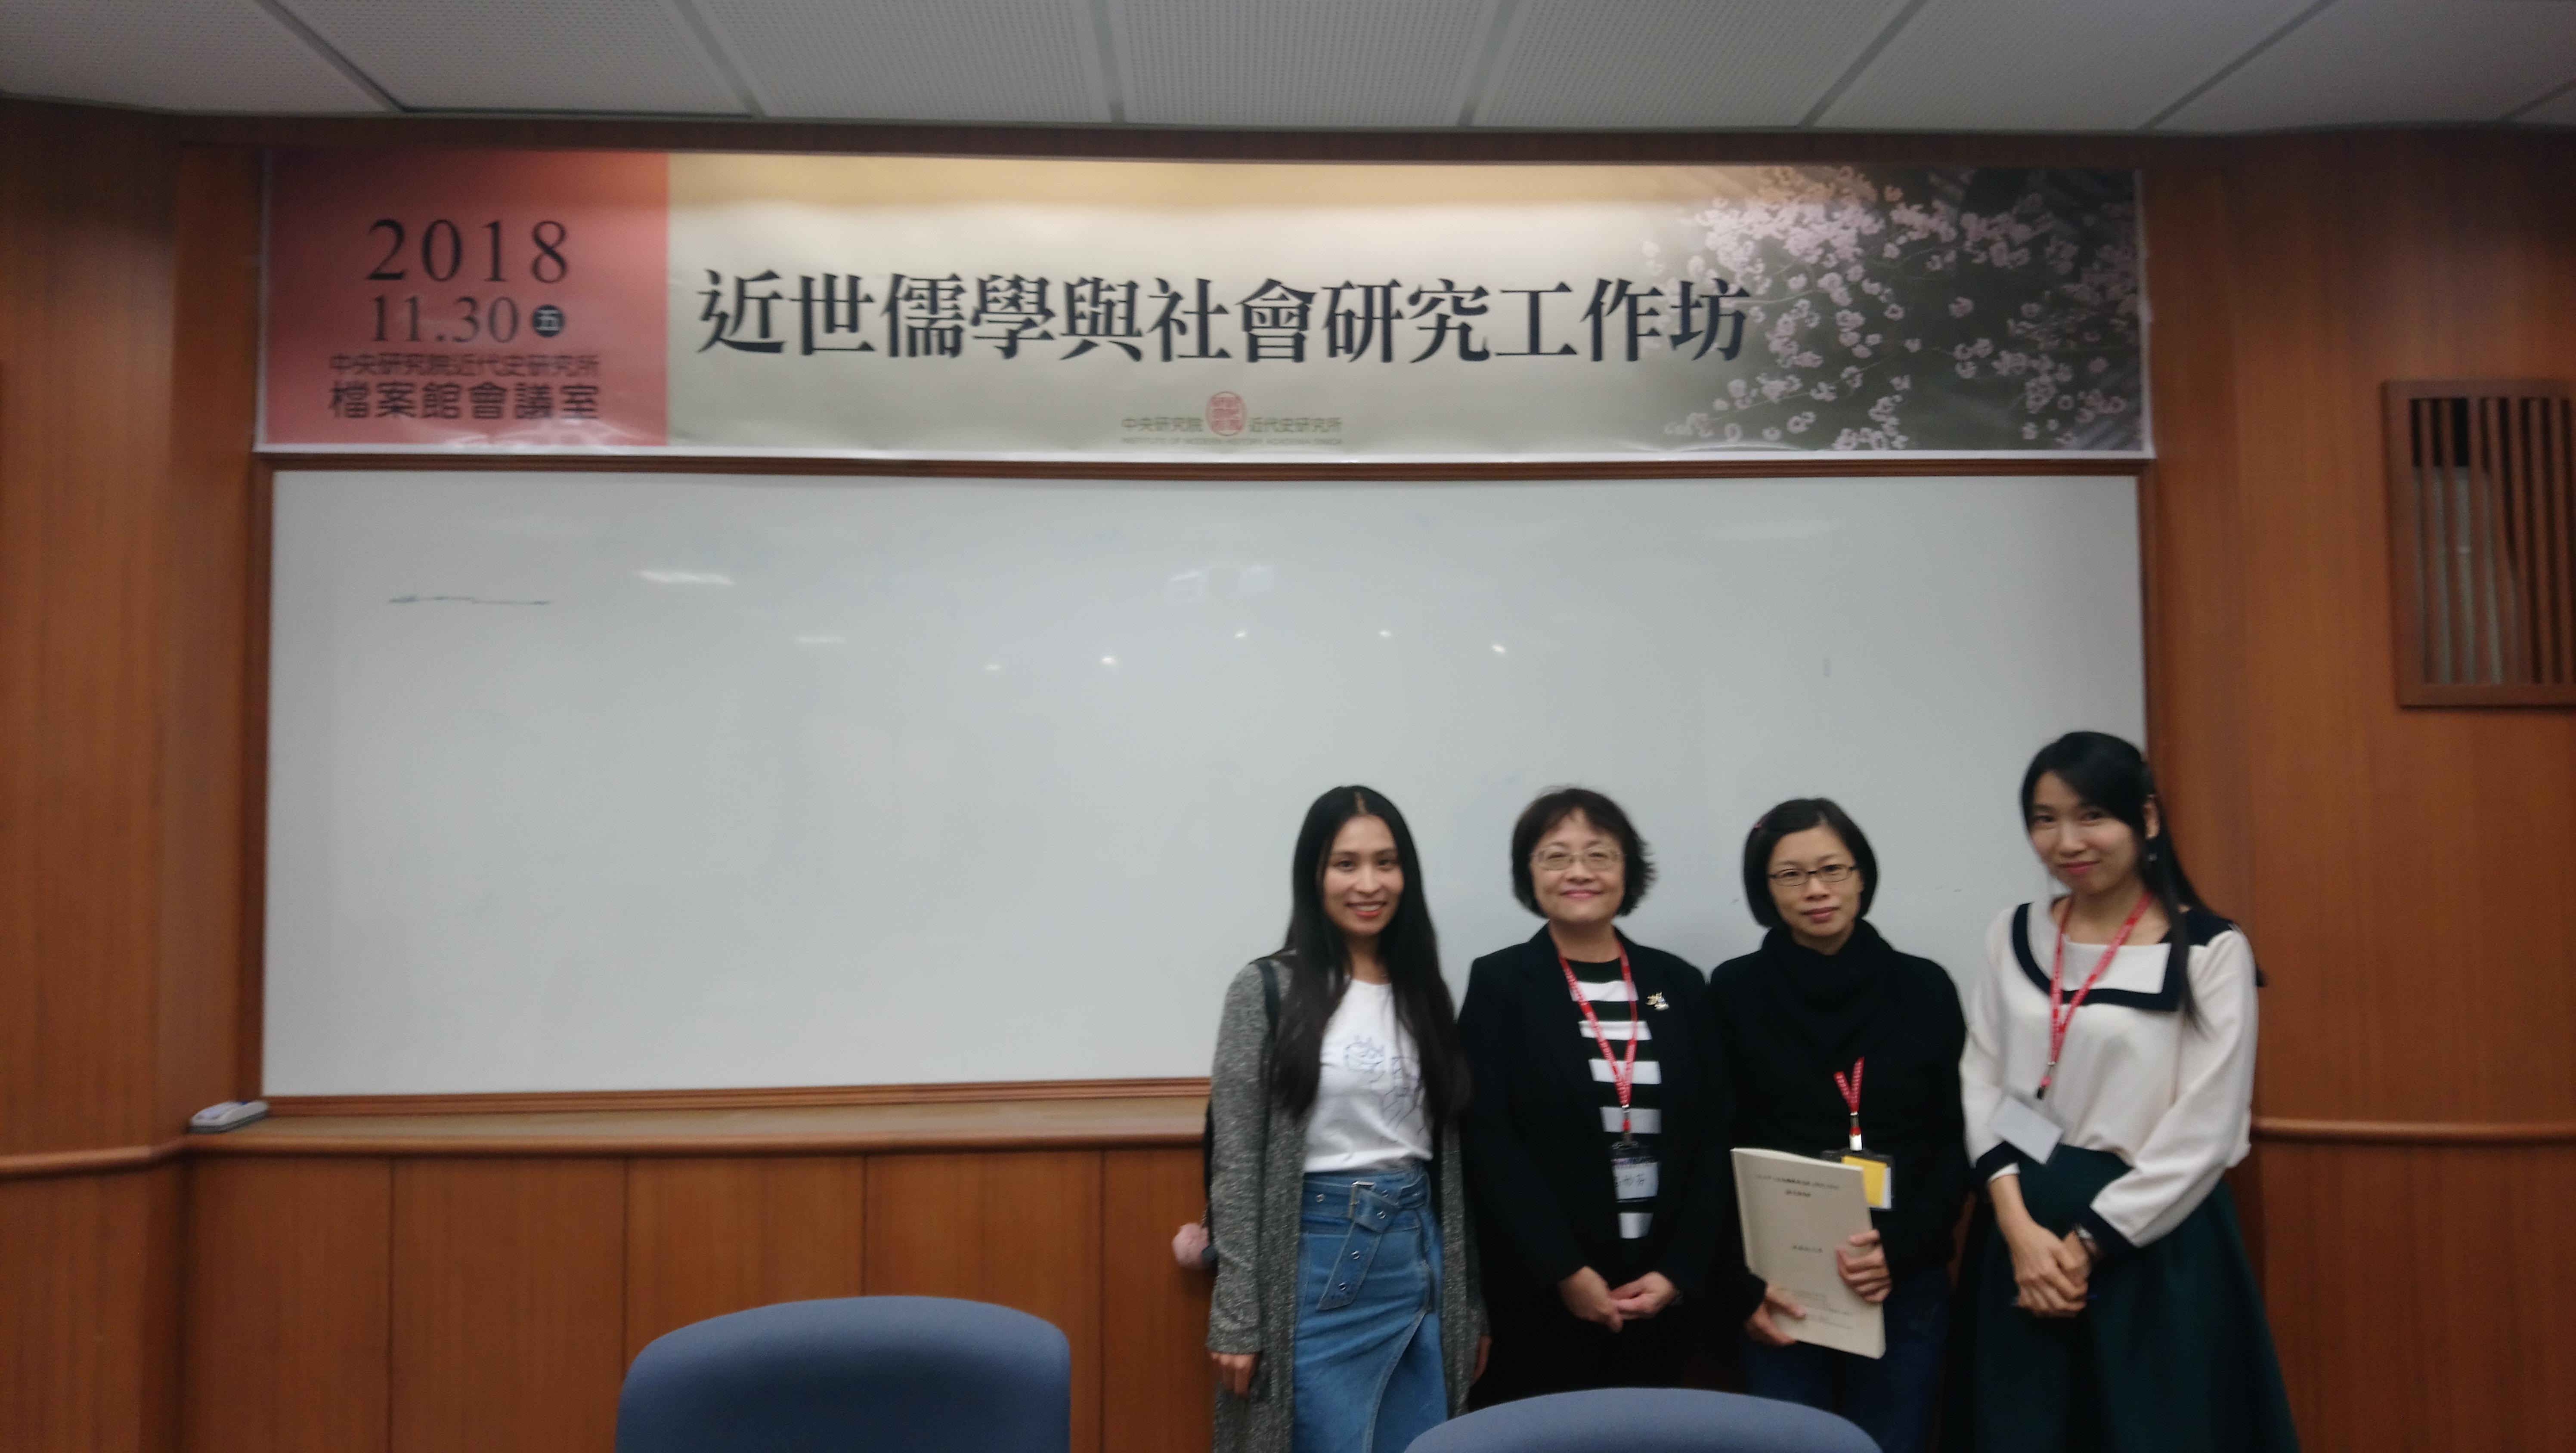 「2018 年近世儒學與社會研究工作坊」發表會會議報導